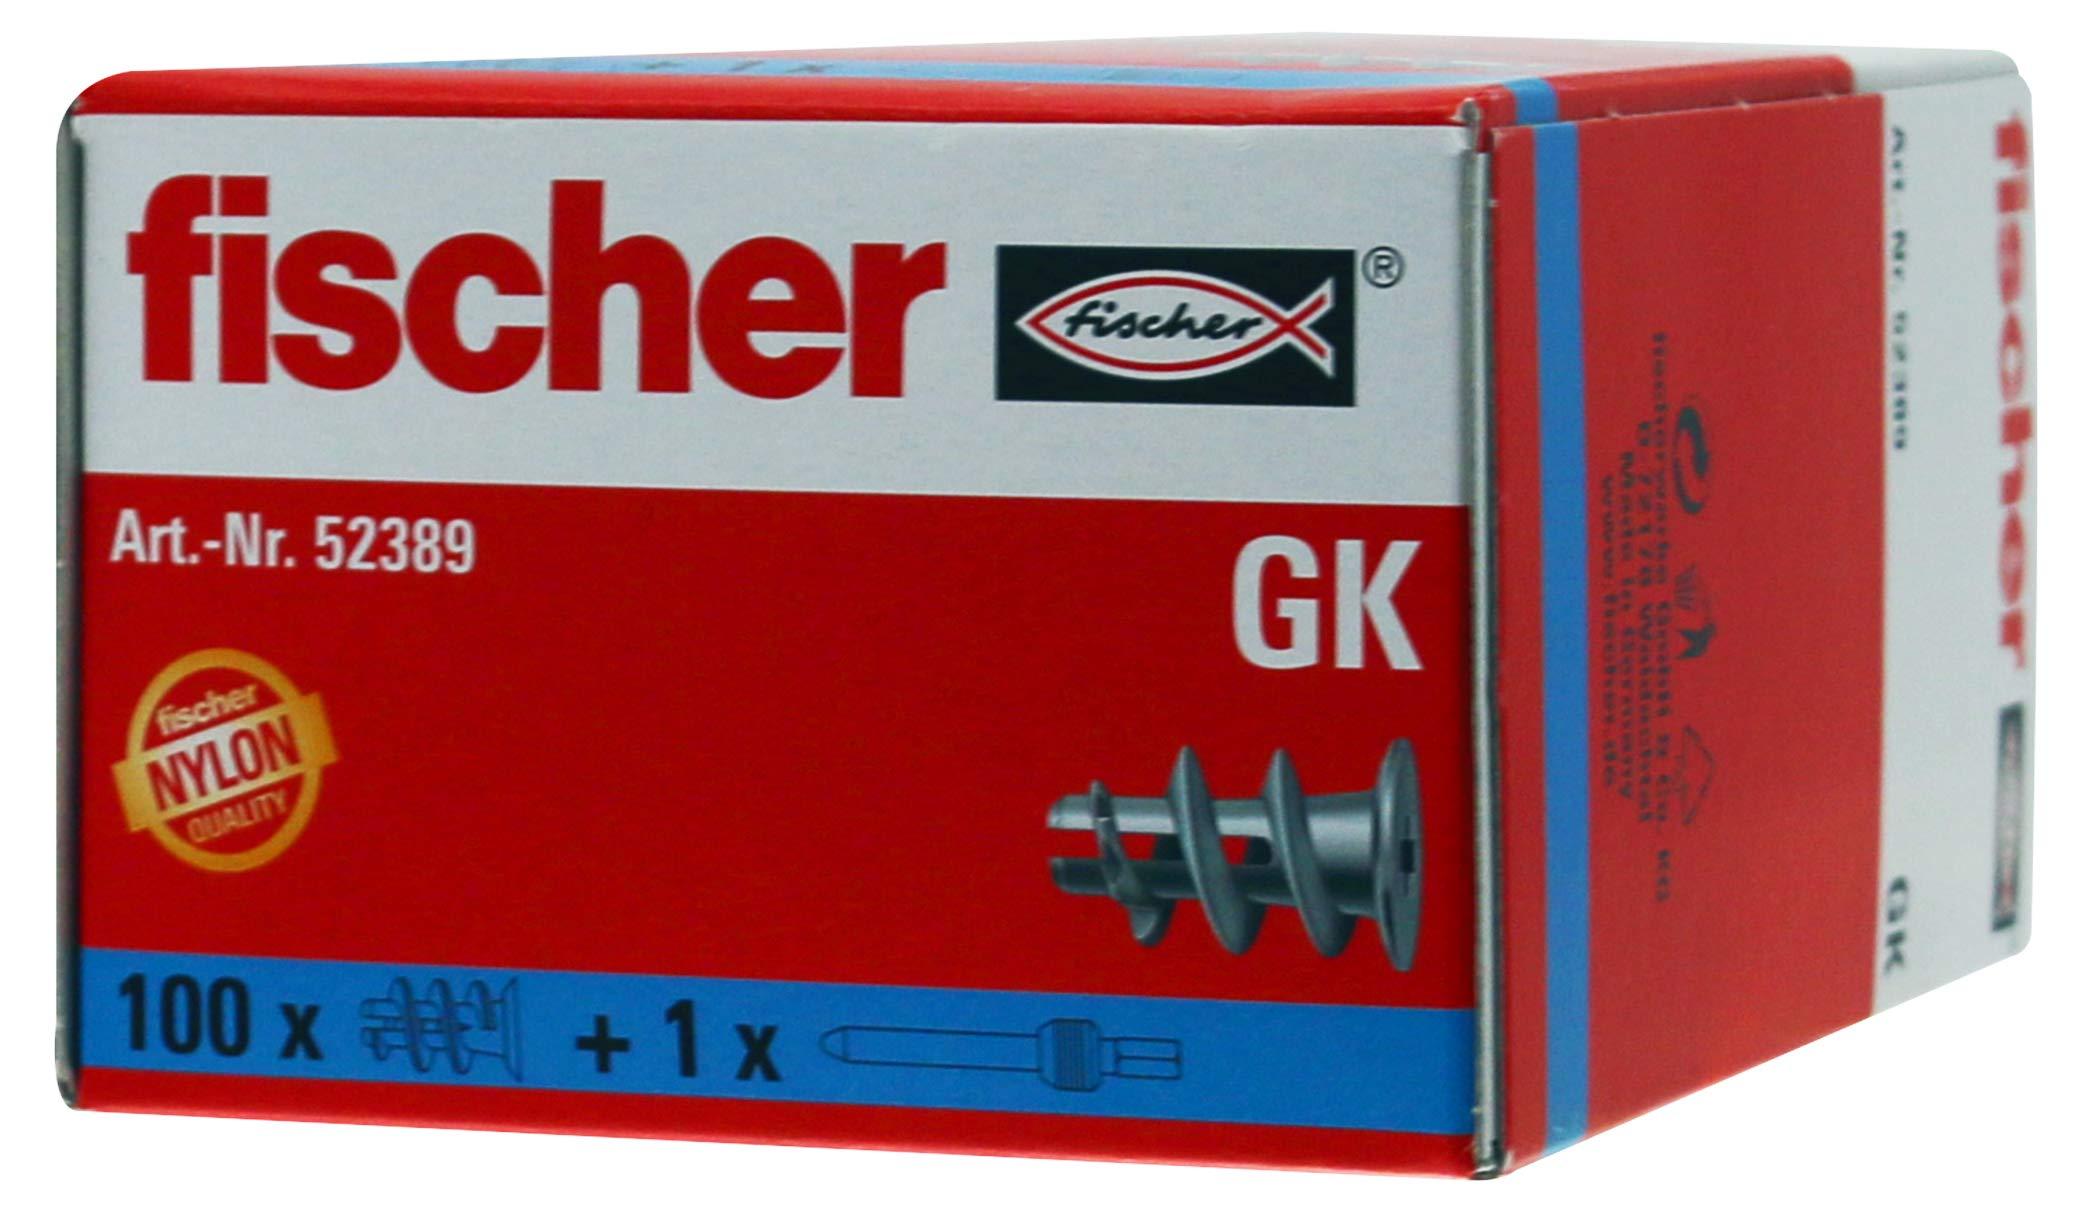 Fischer GK 52389 Rawlplugs Pack of 100 by Fischer